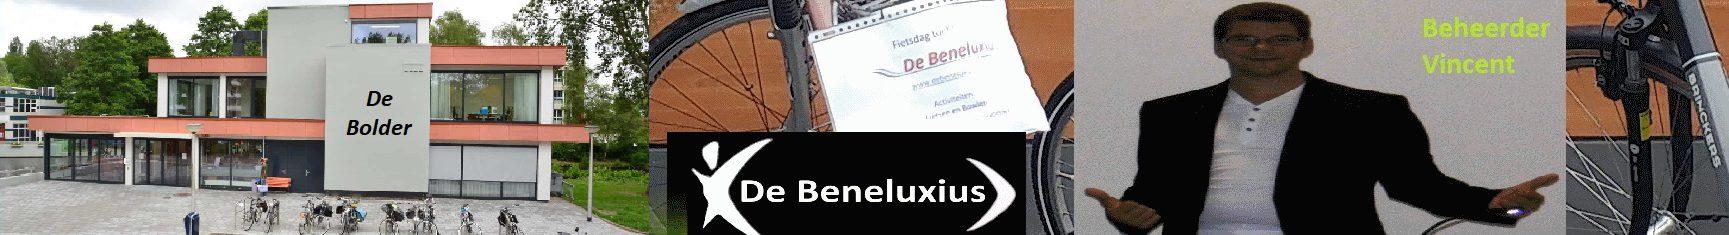 De Beneluxius